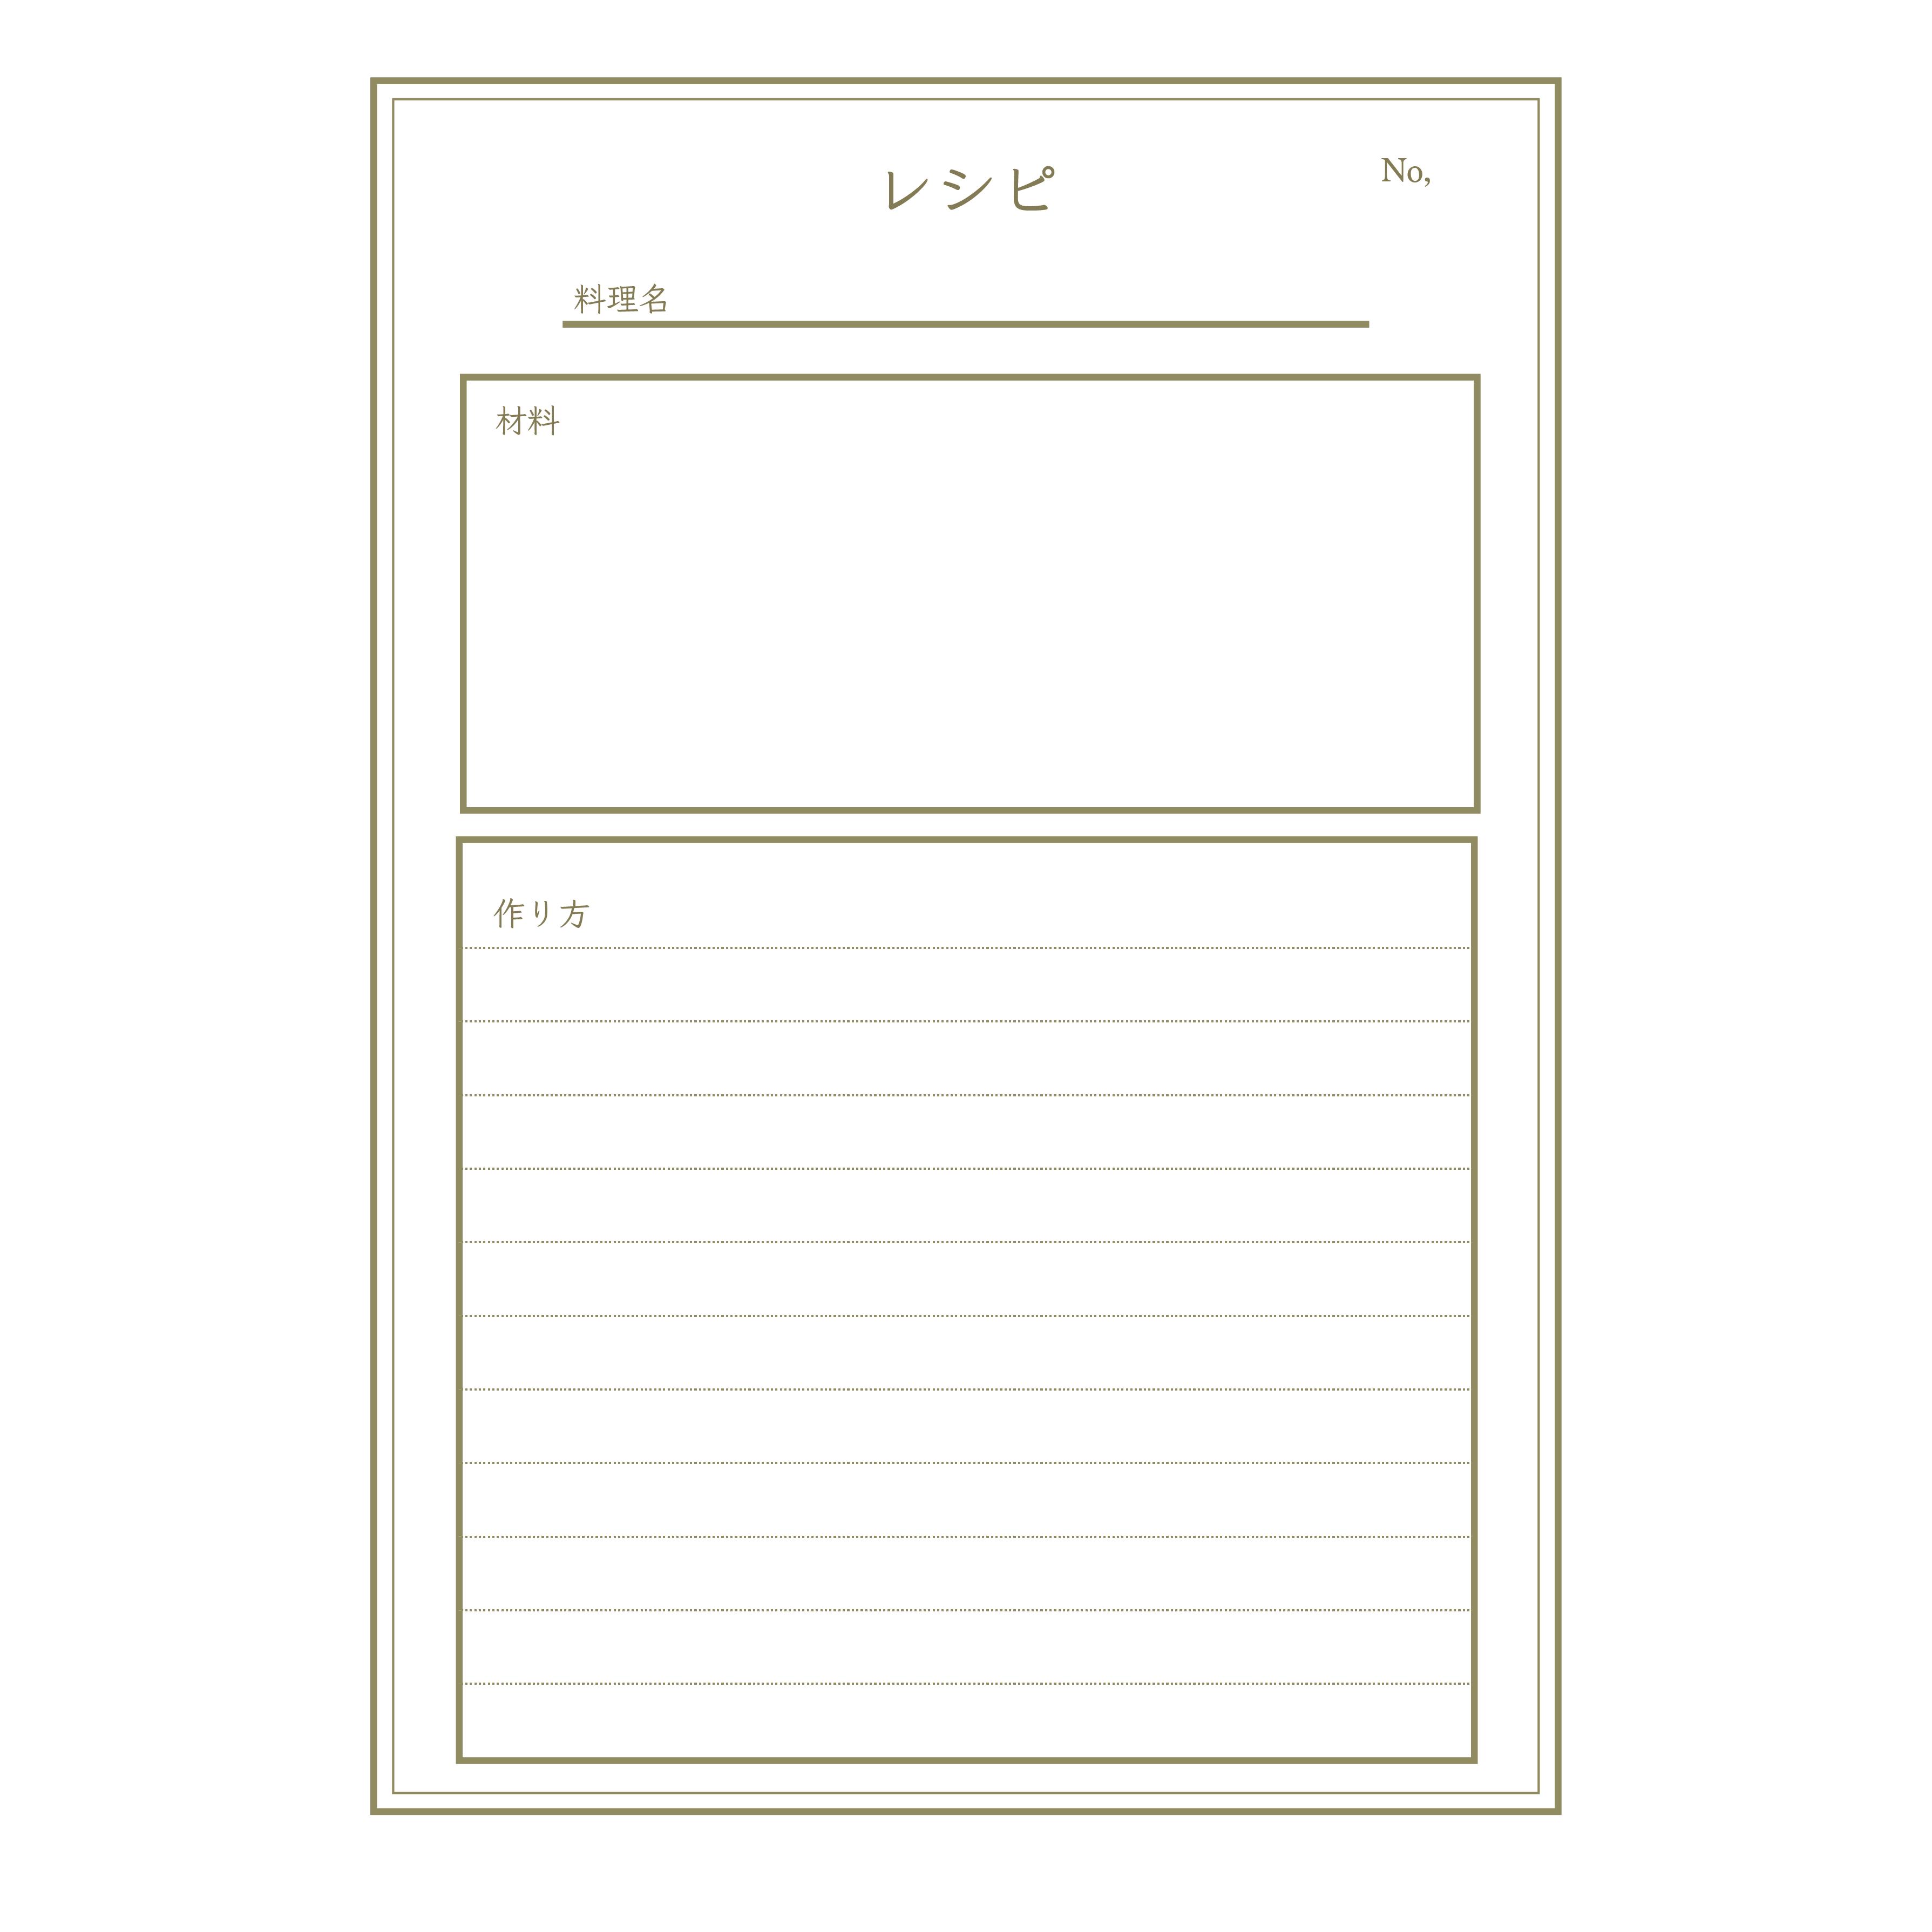 おしゃれなレシピノートのテンプレートA4【日本語】イラスト